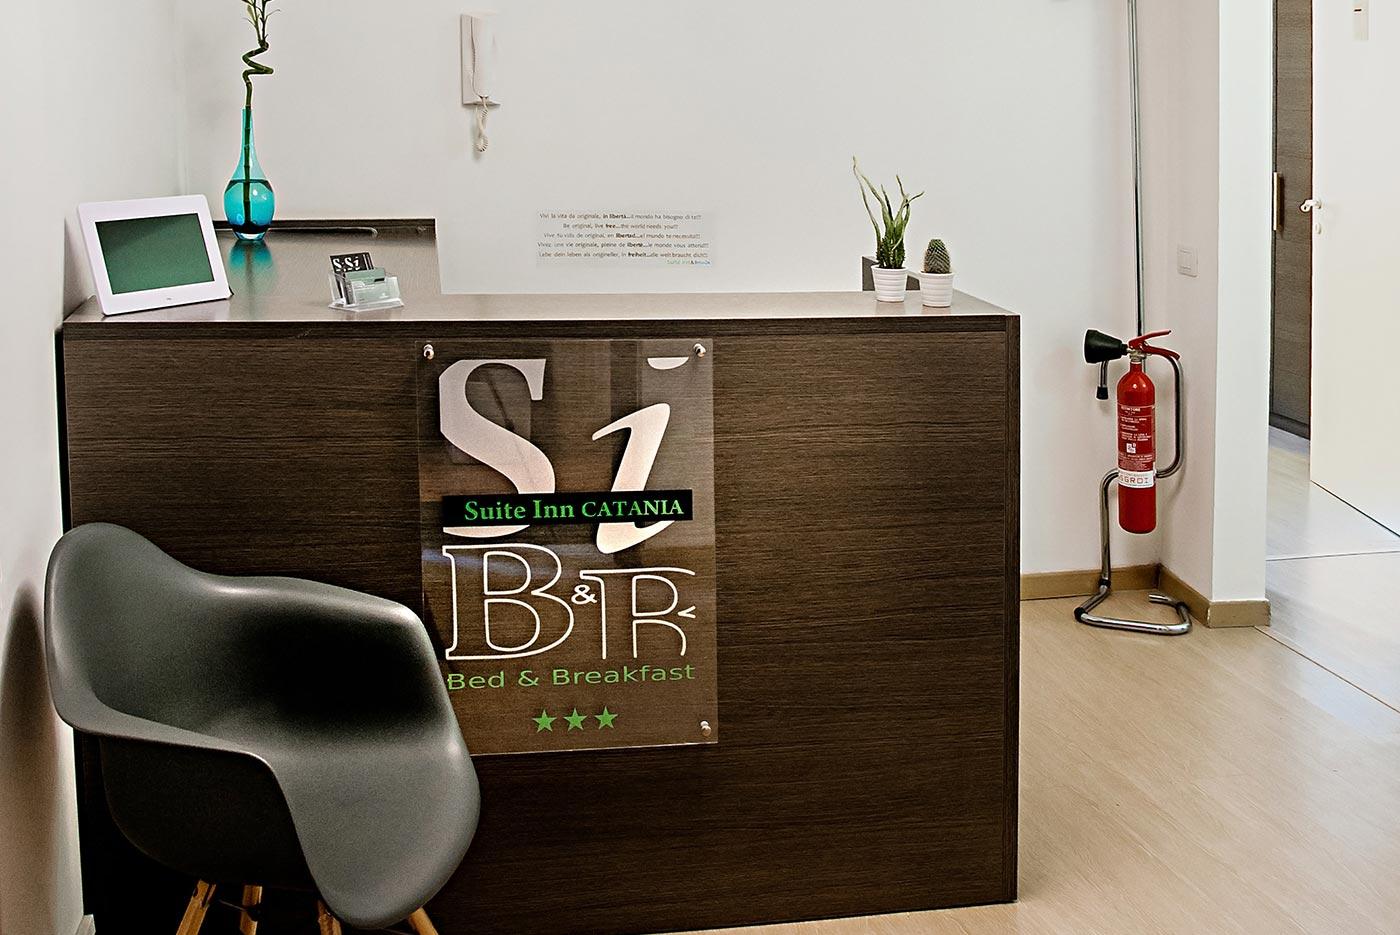 B&B Центр Катания